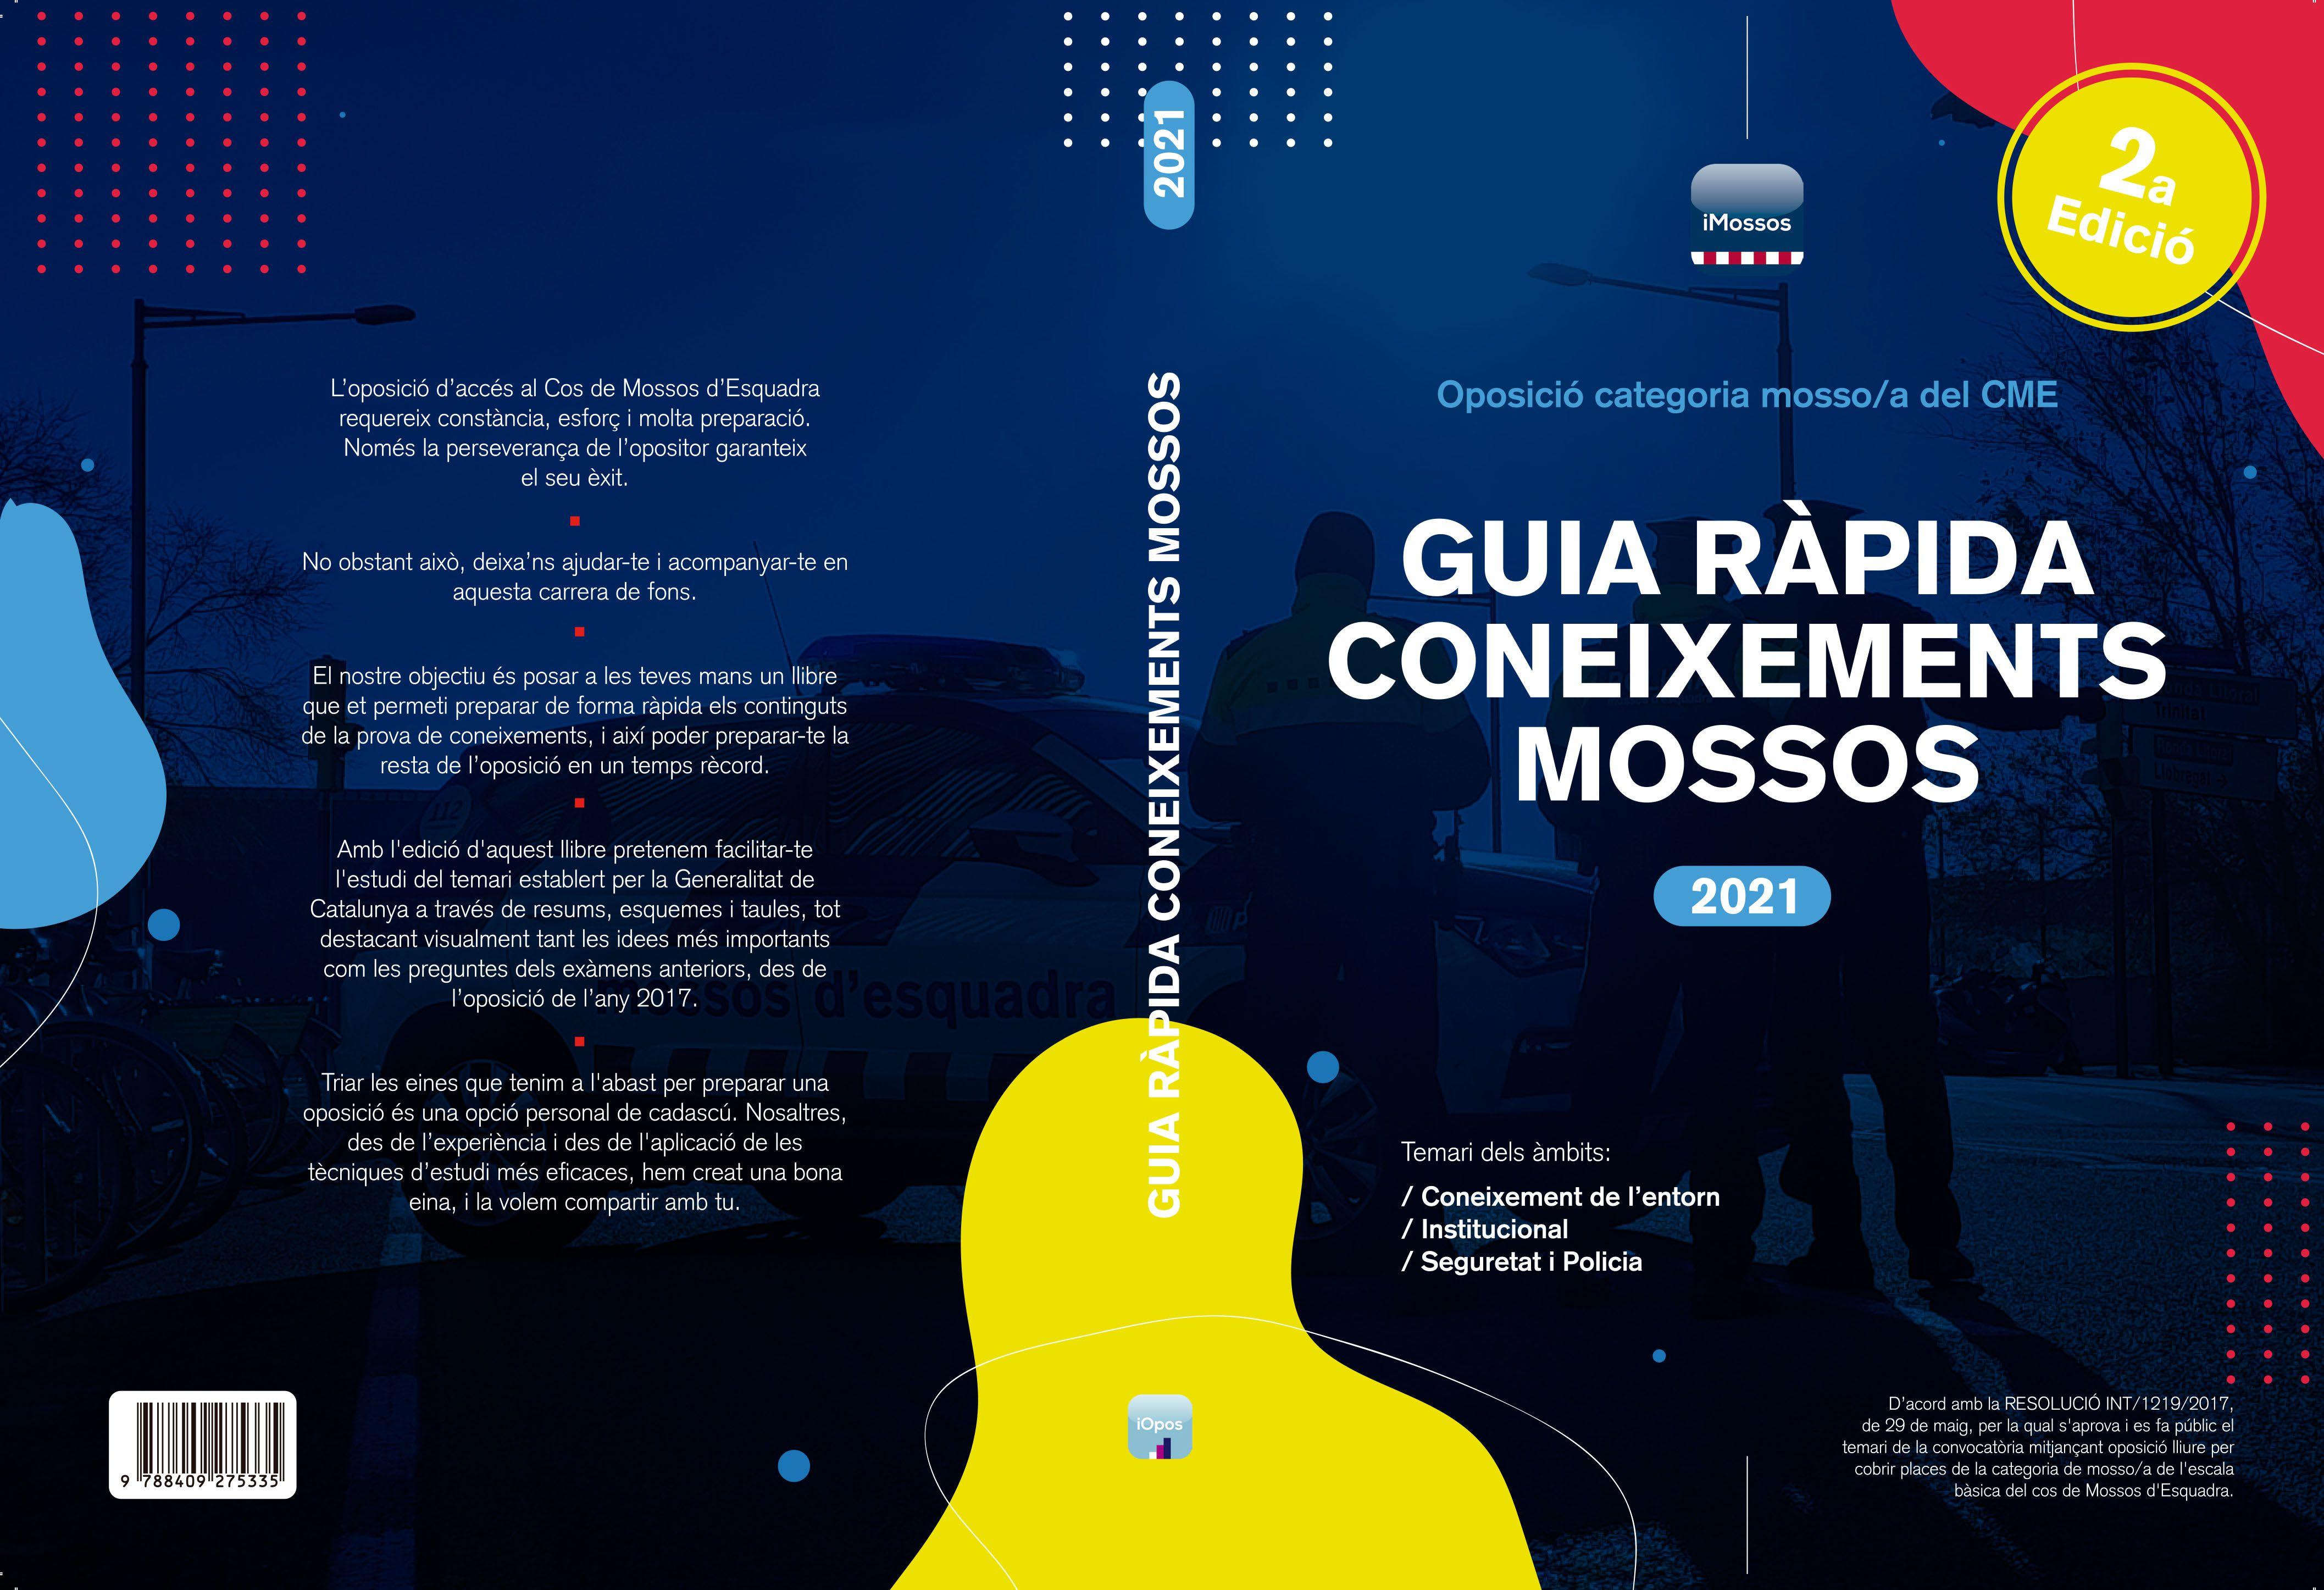 Guia Ràpida Coneixements Mossos 2021